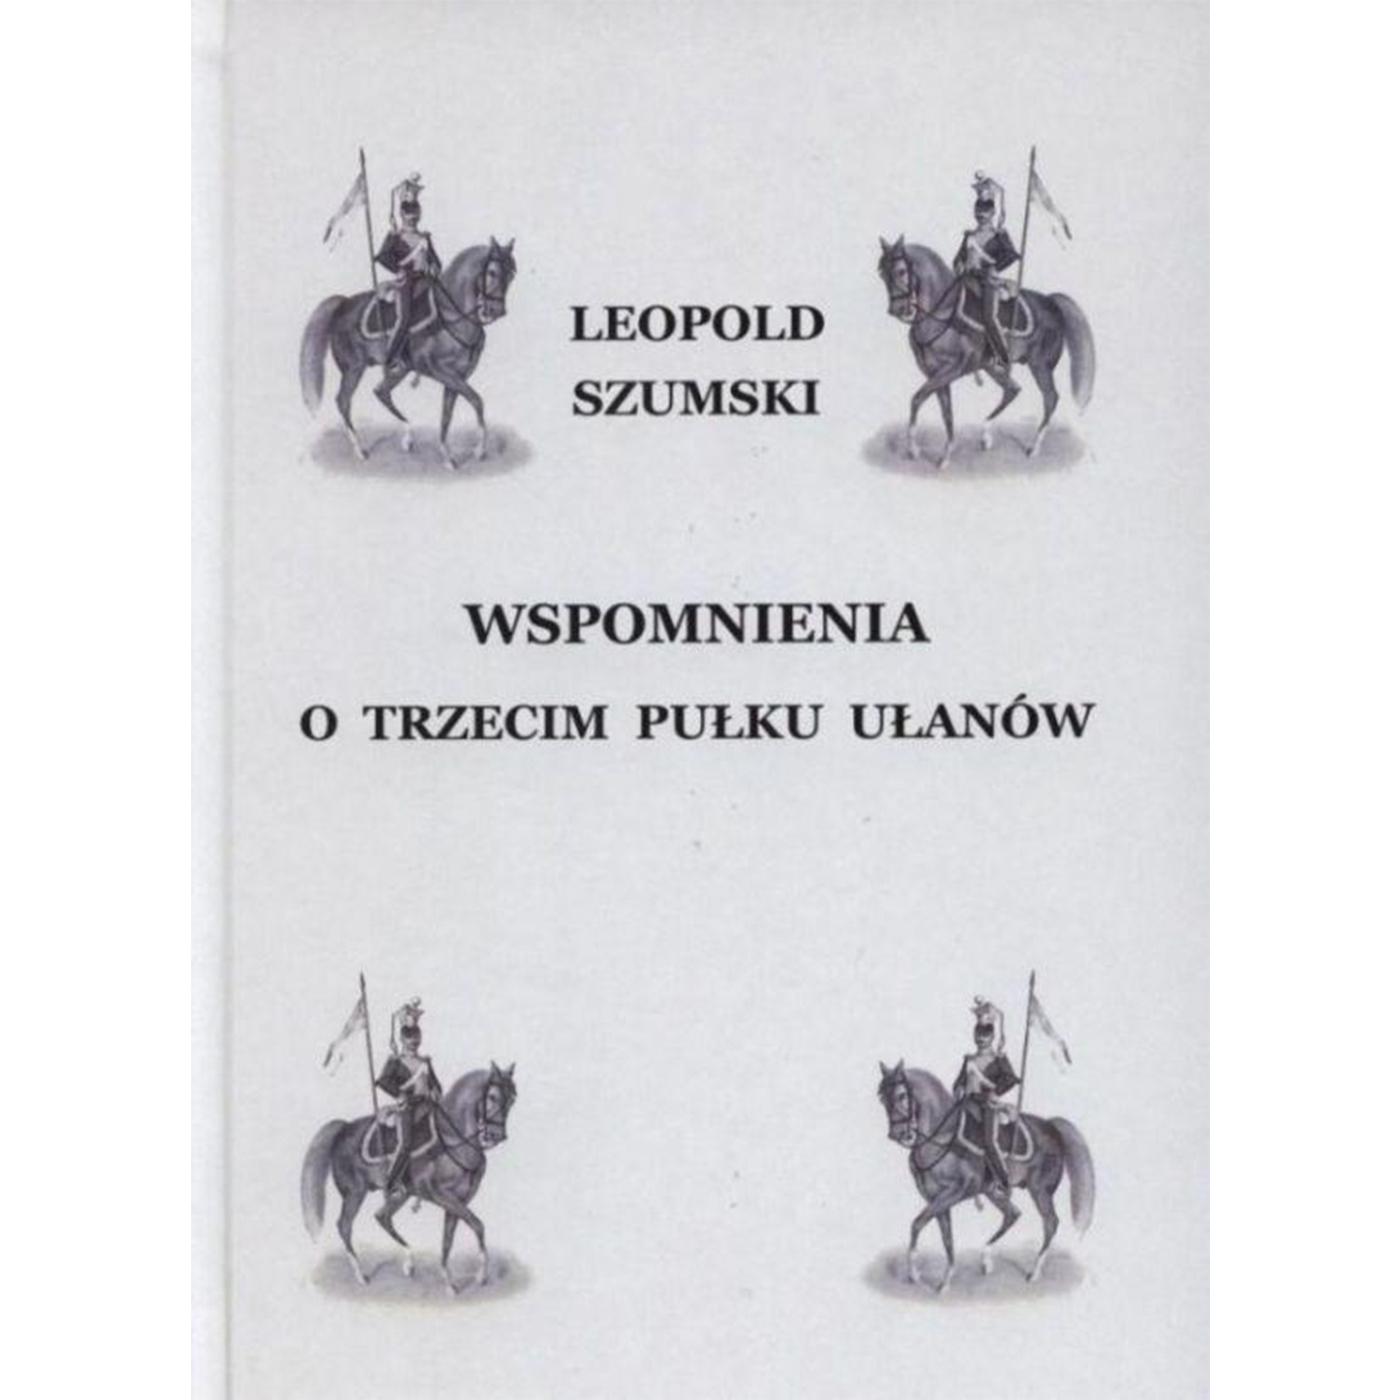 Wspomnienia o trzecim pułku ułanów - Outlet